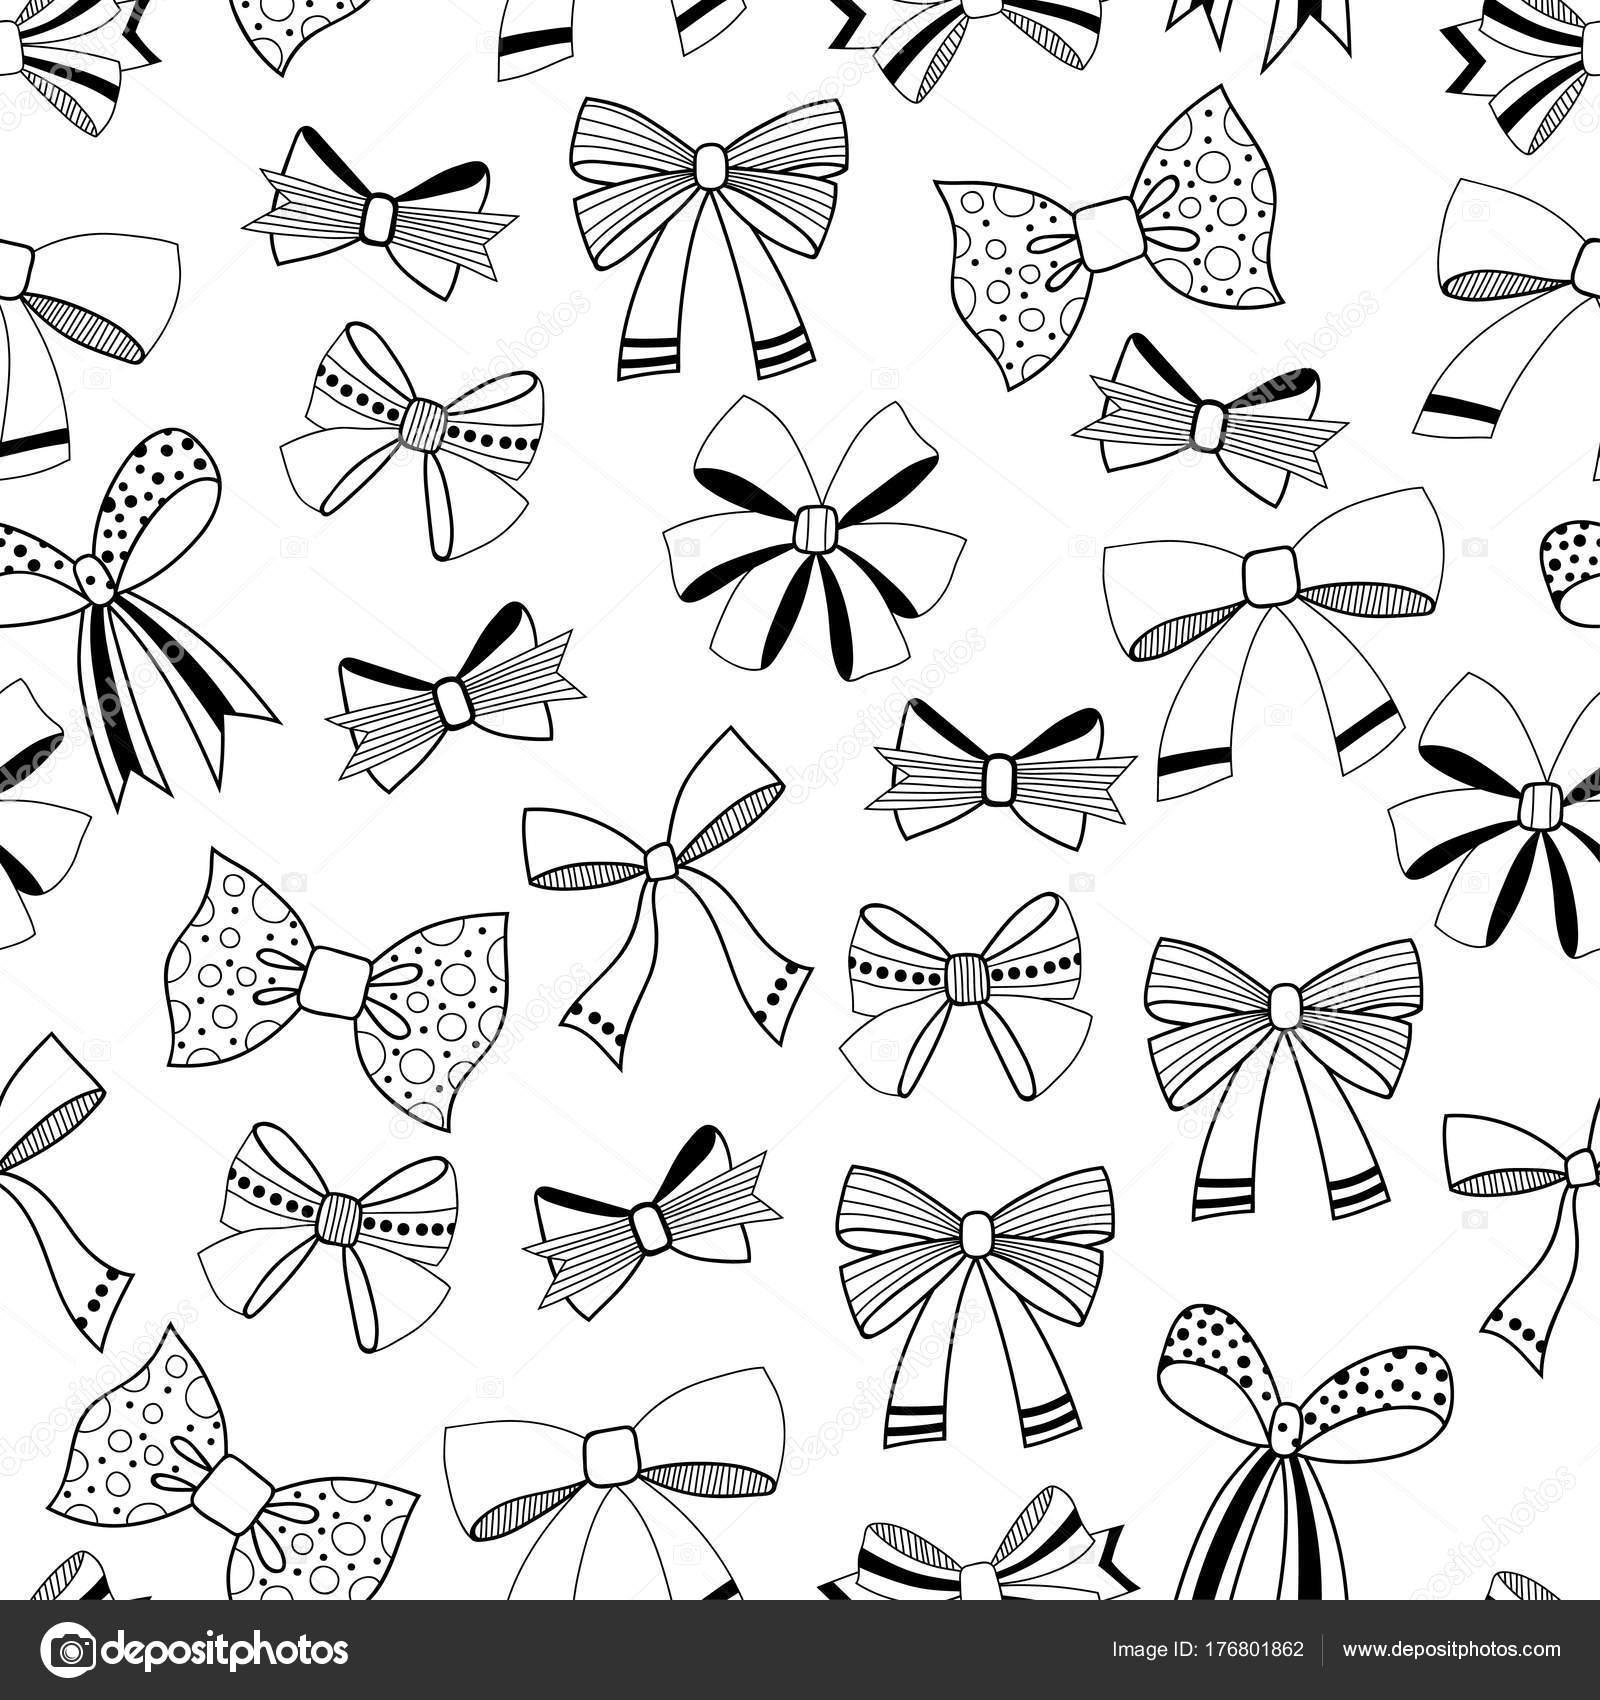 Bögen. Schwarz / weiß Darstellung, nahtlose Muster für Malvorlagen ...